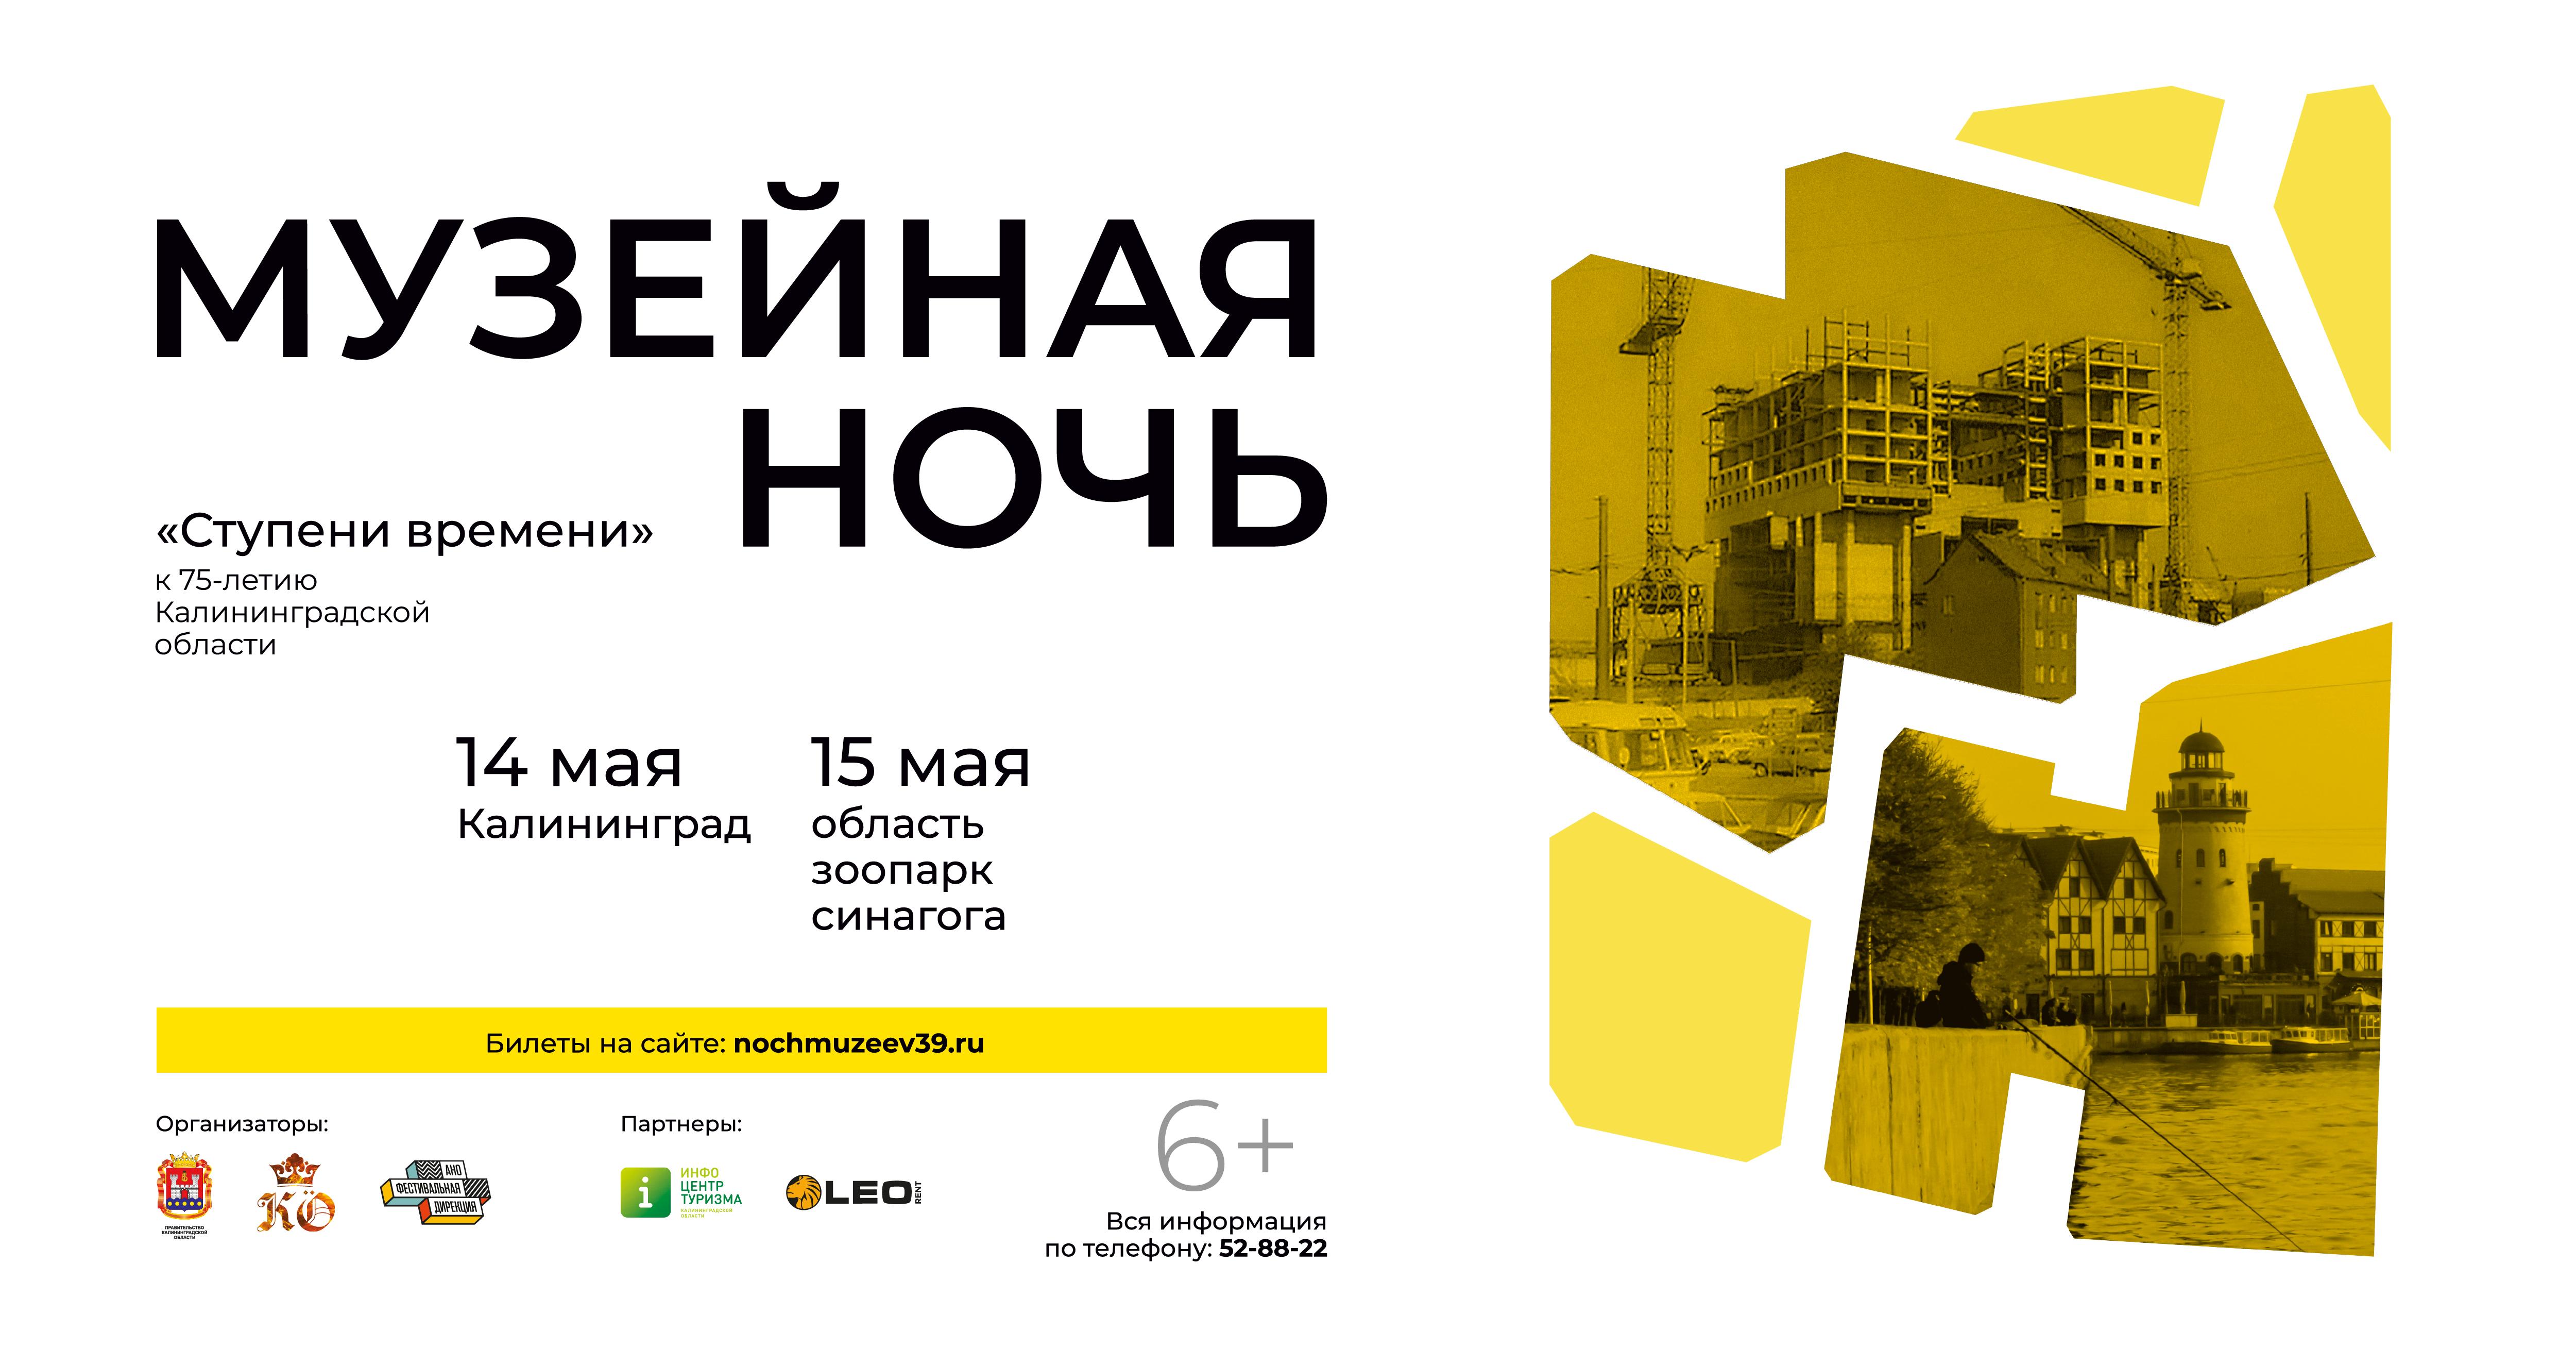 «Музейная ночь-2021» пройдёт 14 и 15 мая